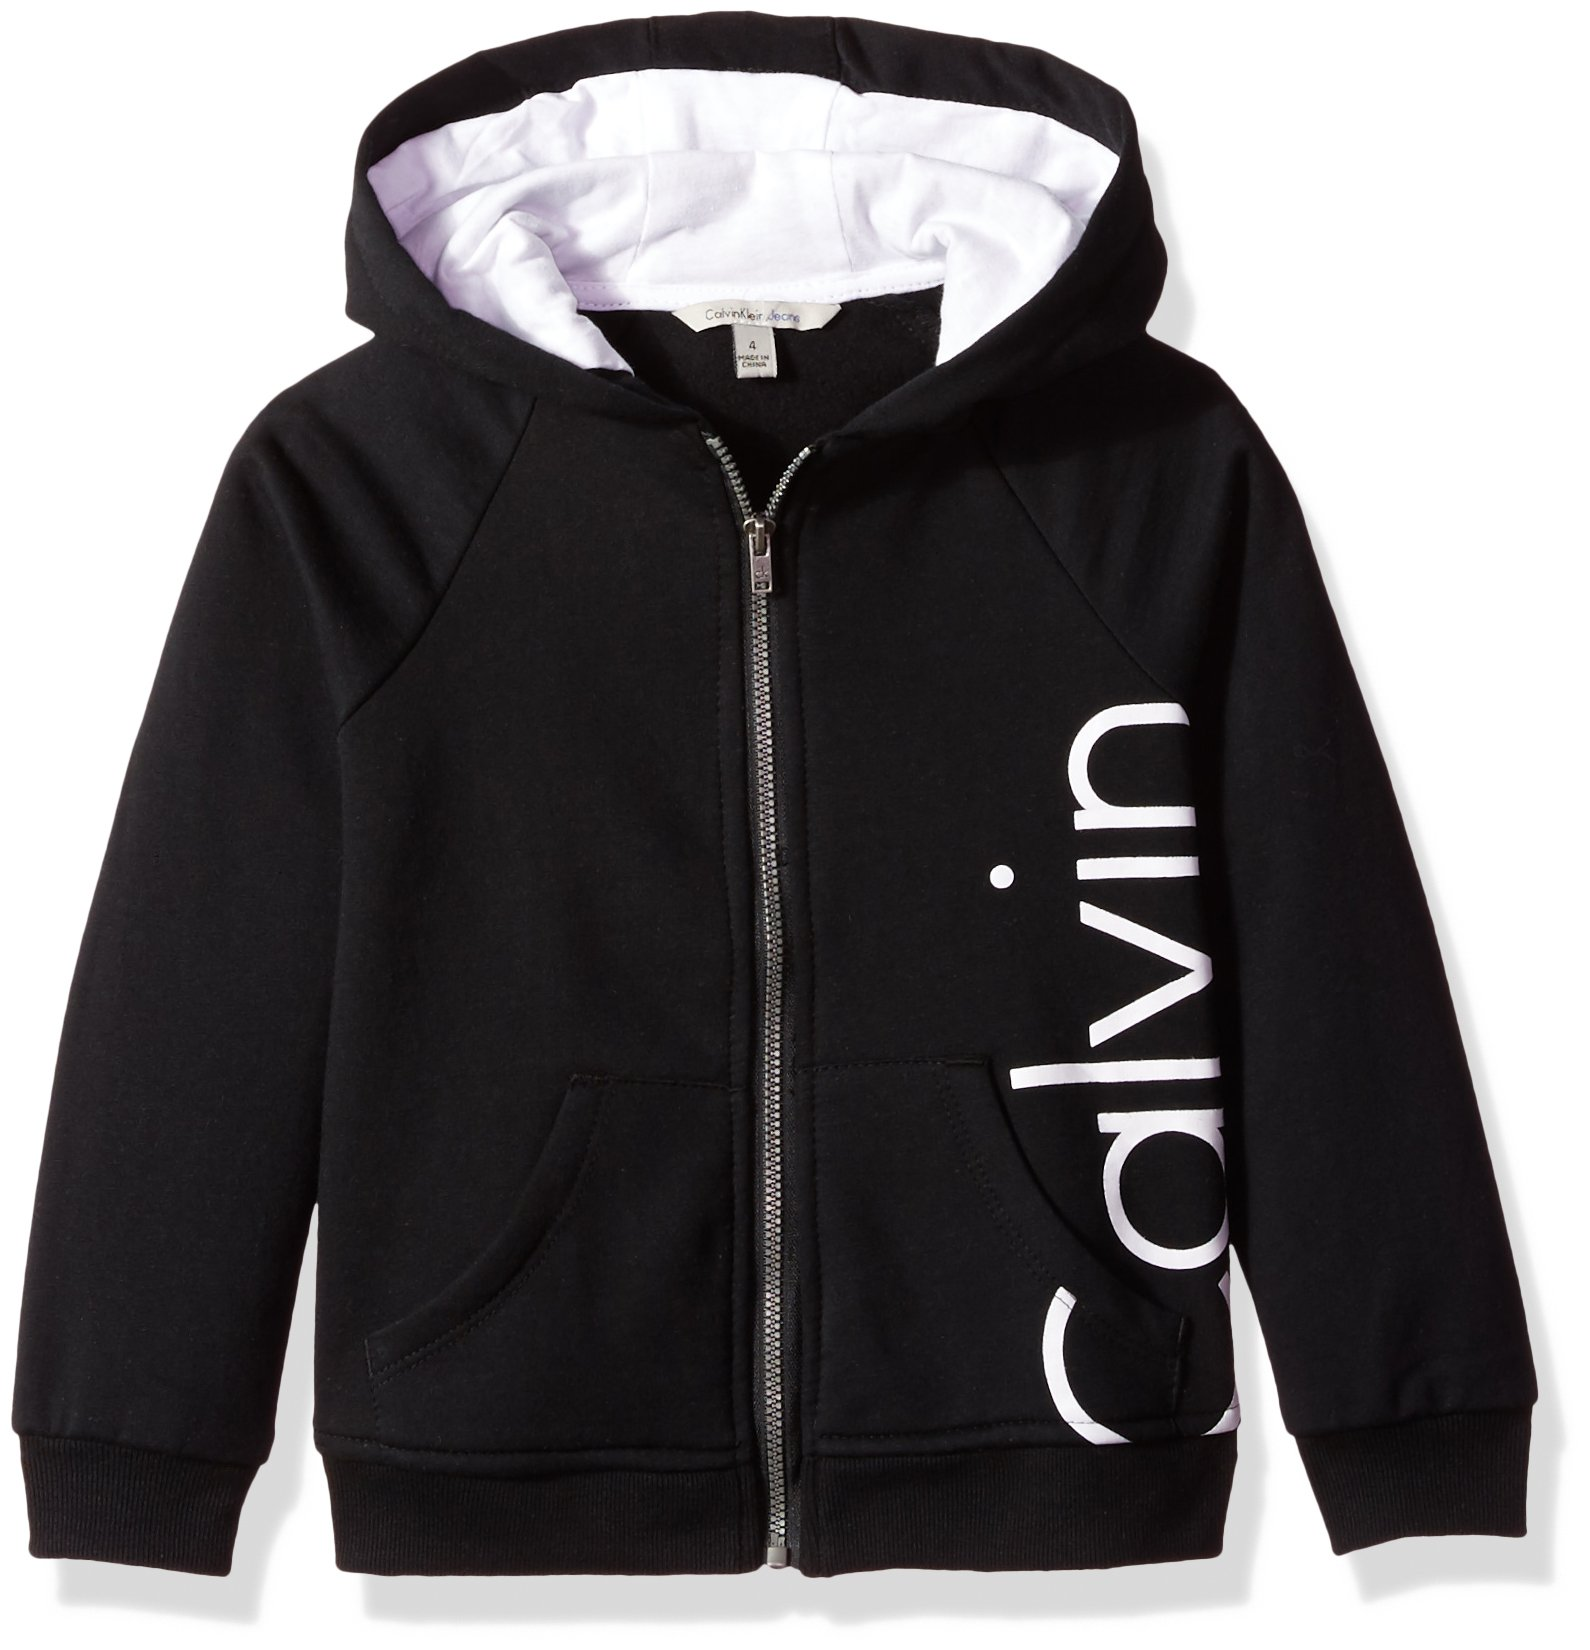 Calvin Klein Big Girls' Logo Zip Front Hoodie, Anthracite, Medium (8/10) by Calvin Klein (Image #1)